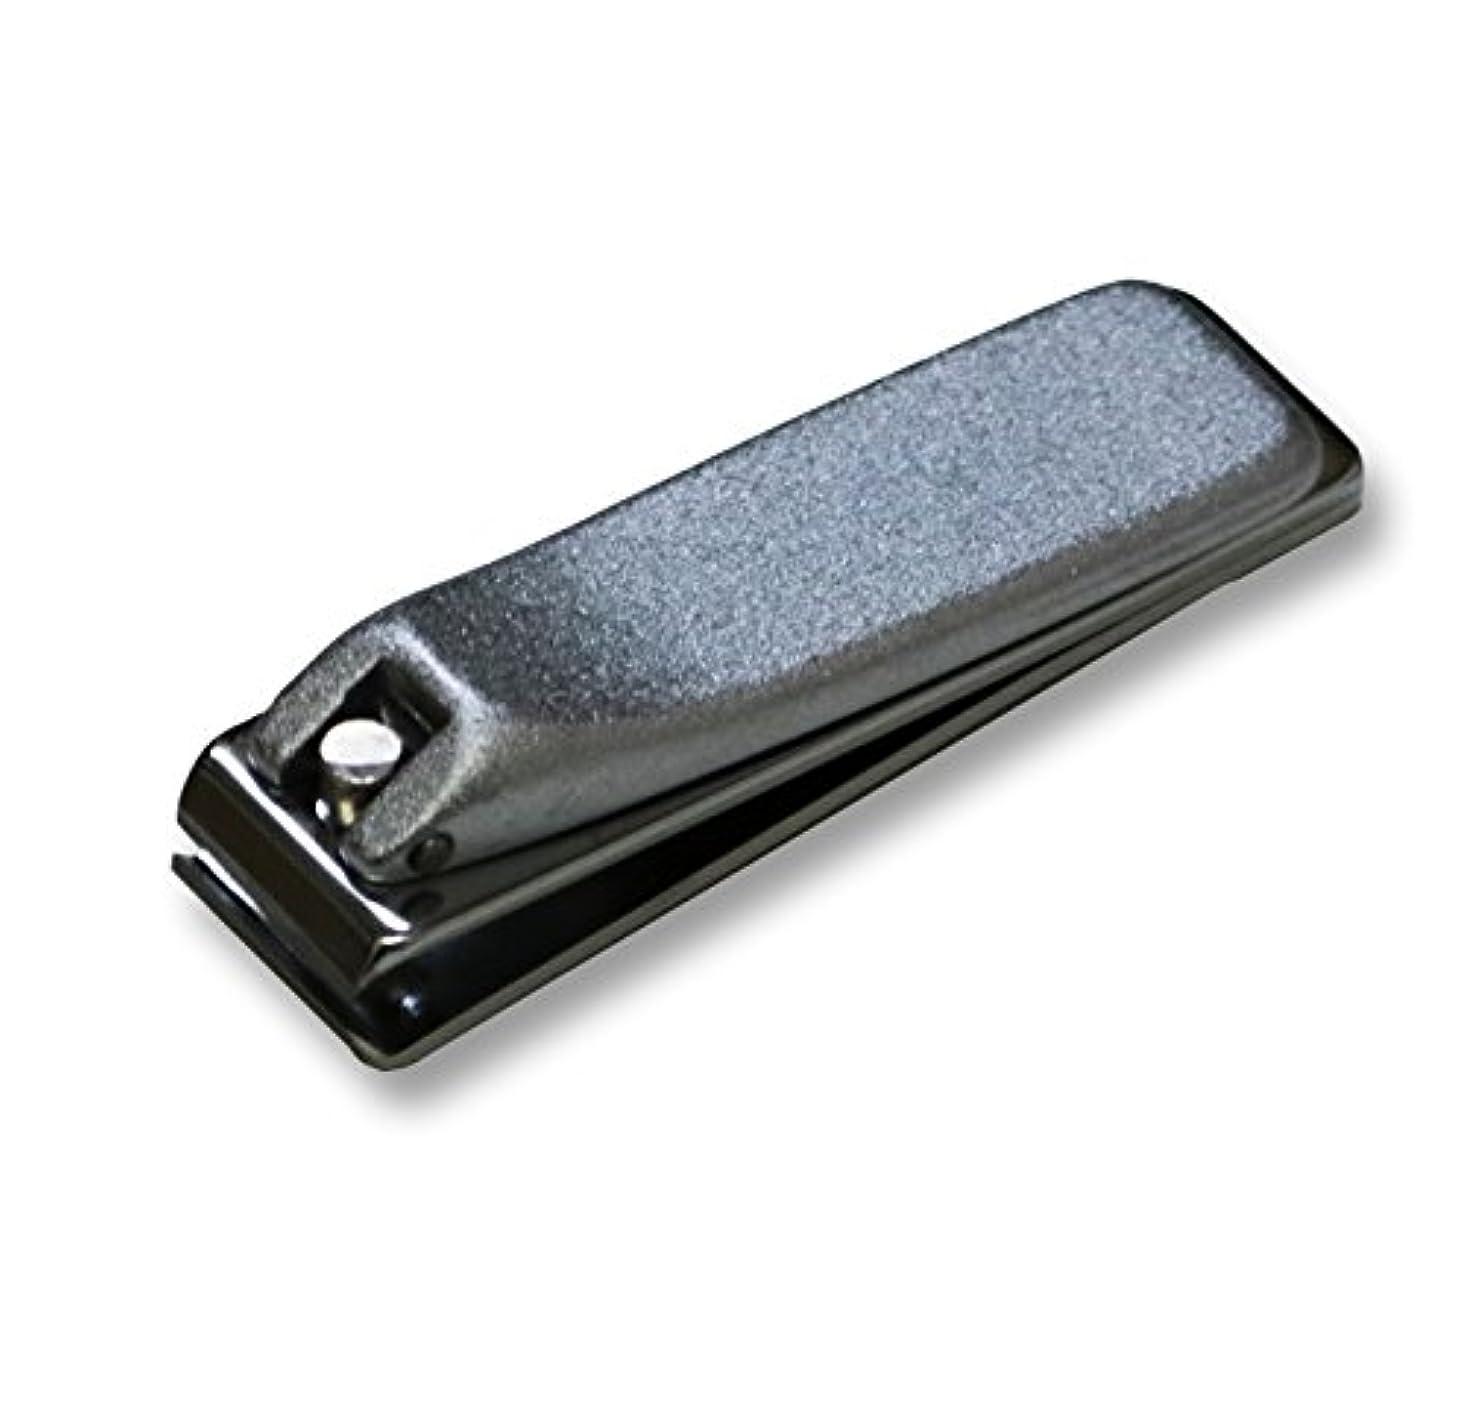 懲らしめタップ相続人KD-035 関の刃物 クローム爪切 直刃 小 カバー無